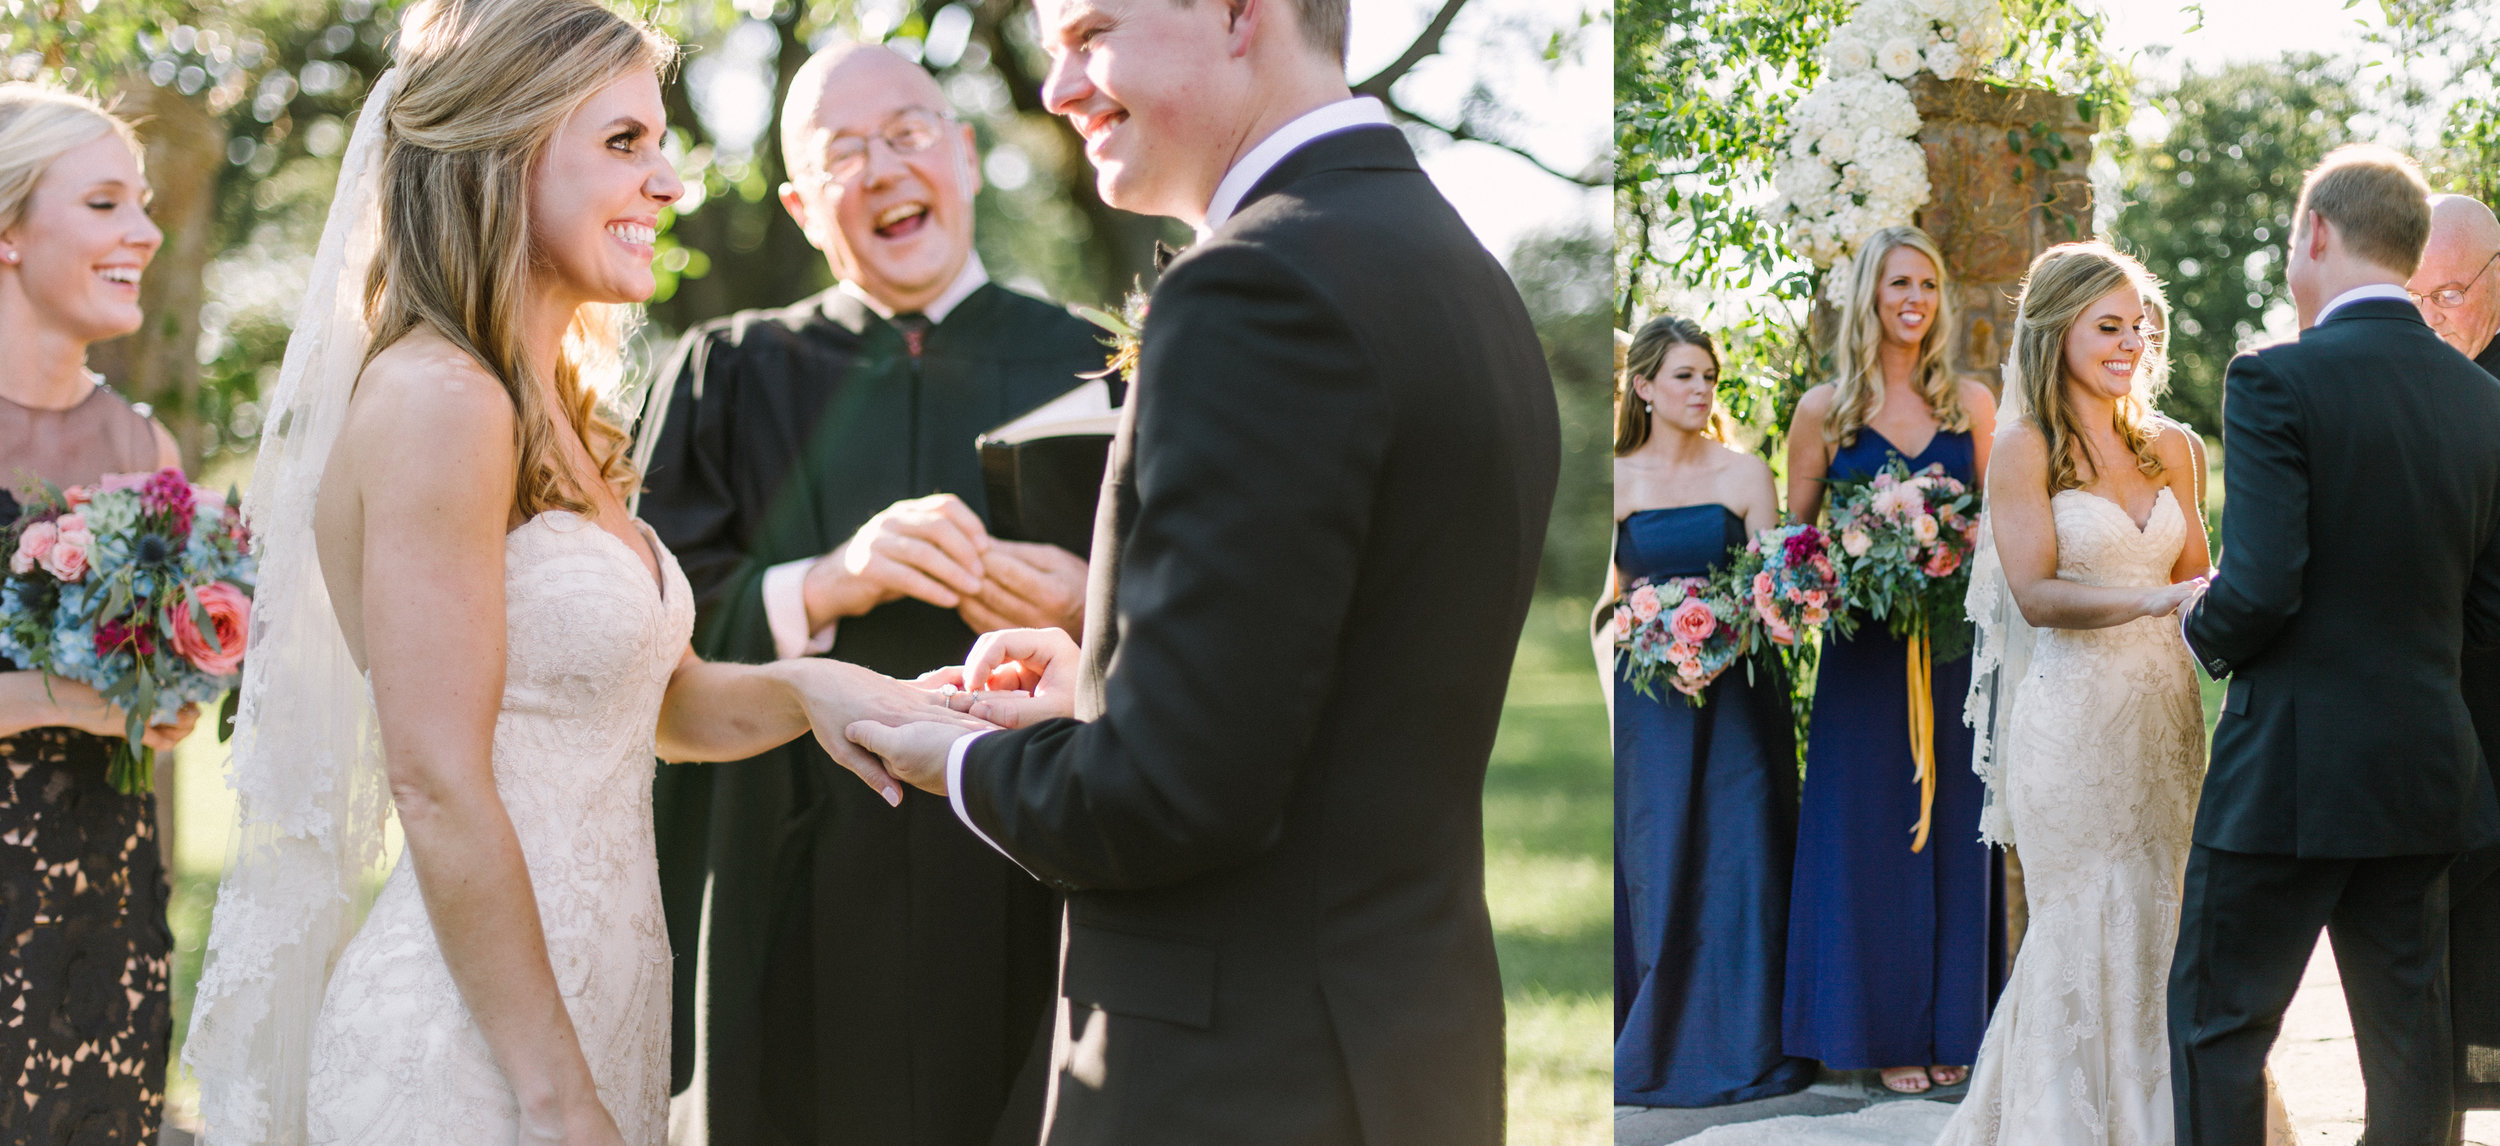 brokke-josh-wedding-523 copy.jpg